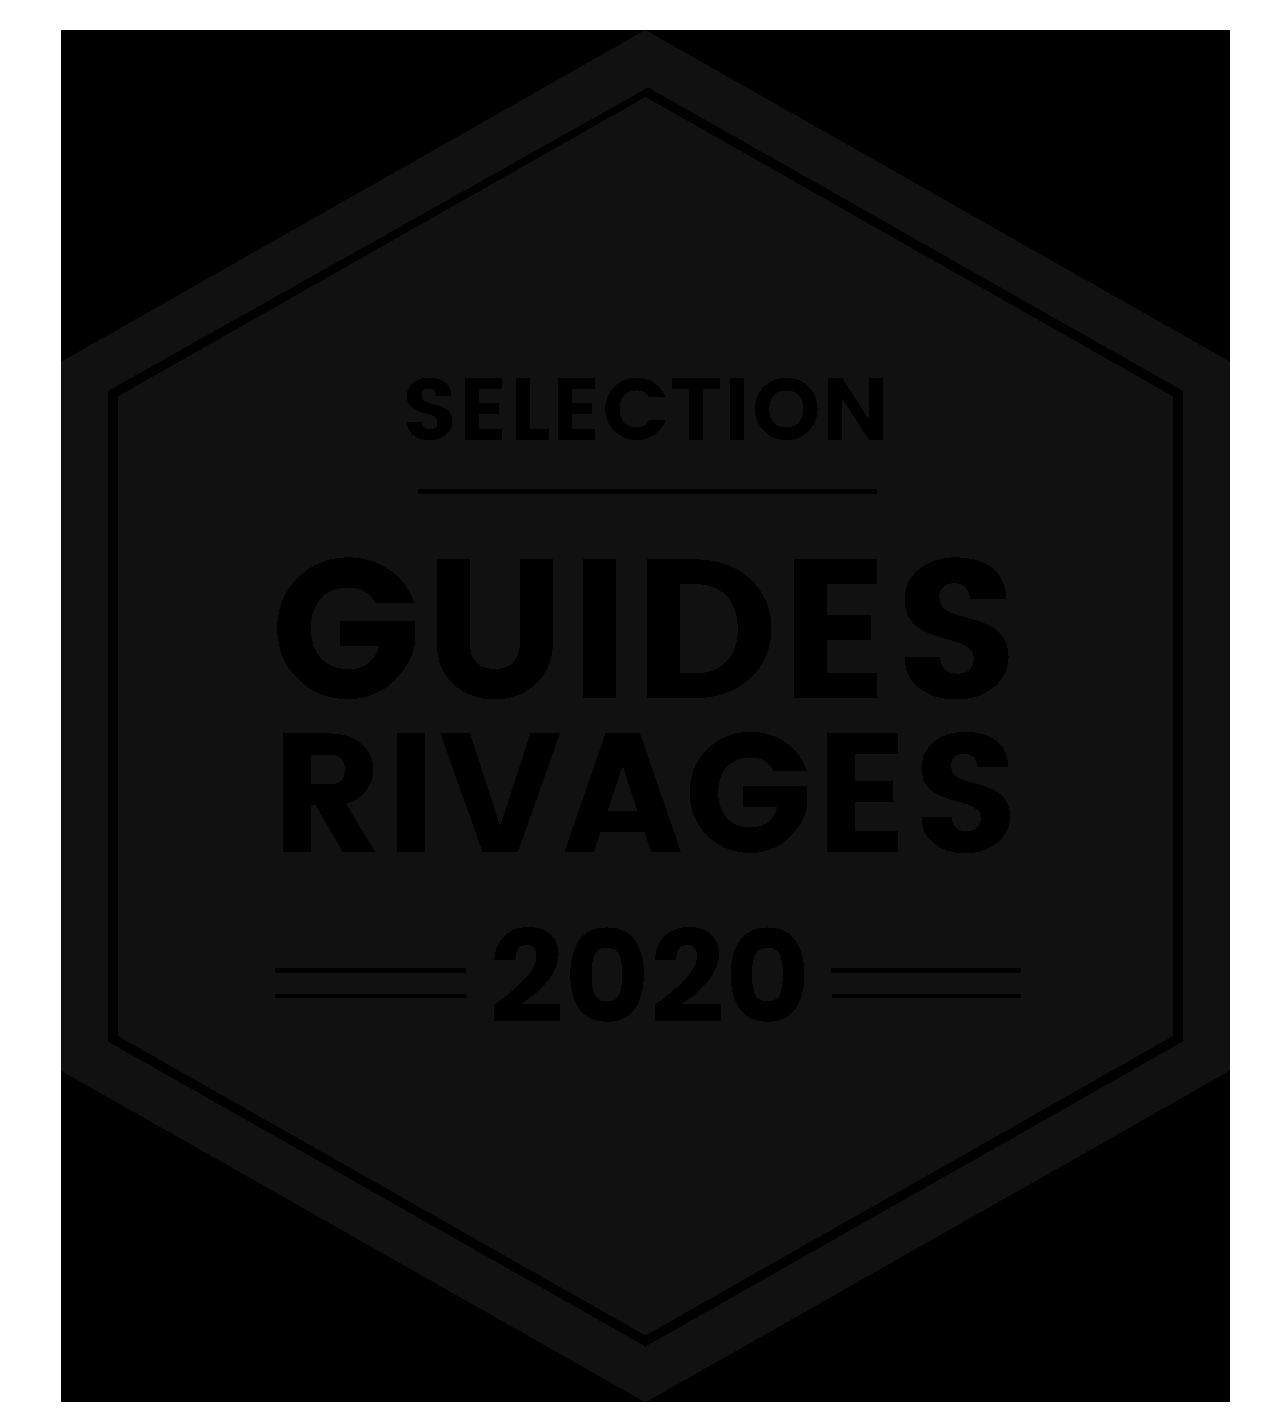 Les Guides Rivages – Découvrez la France authentique